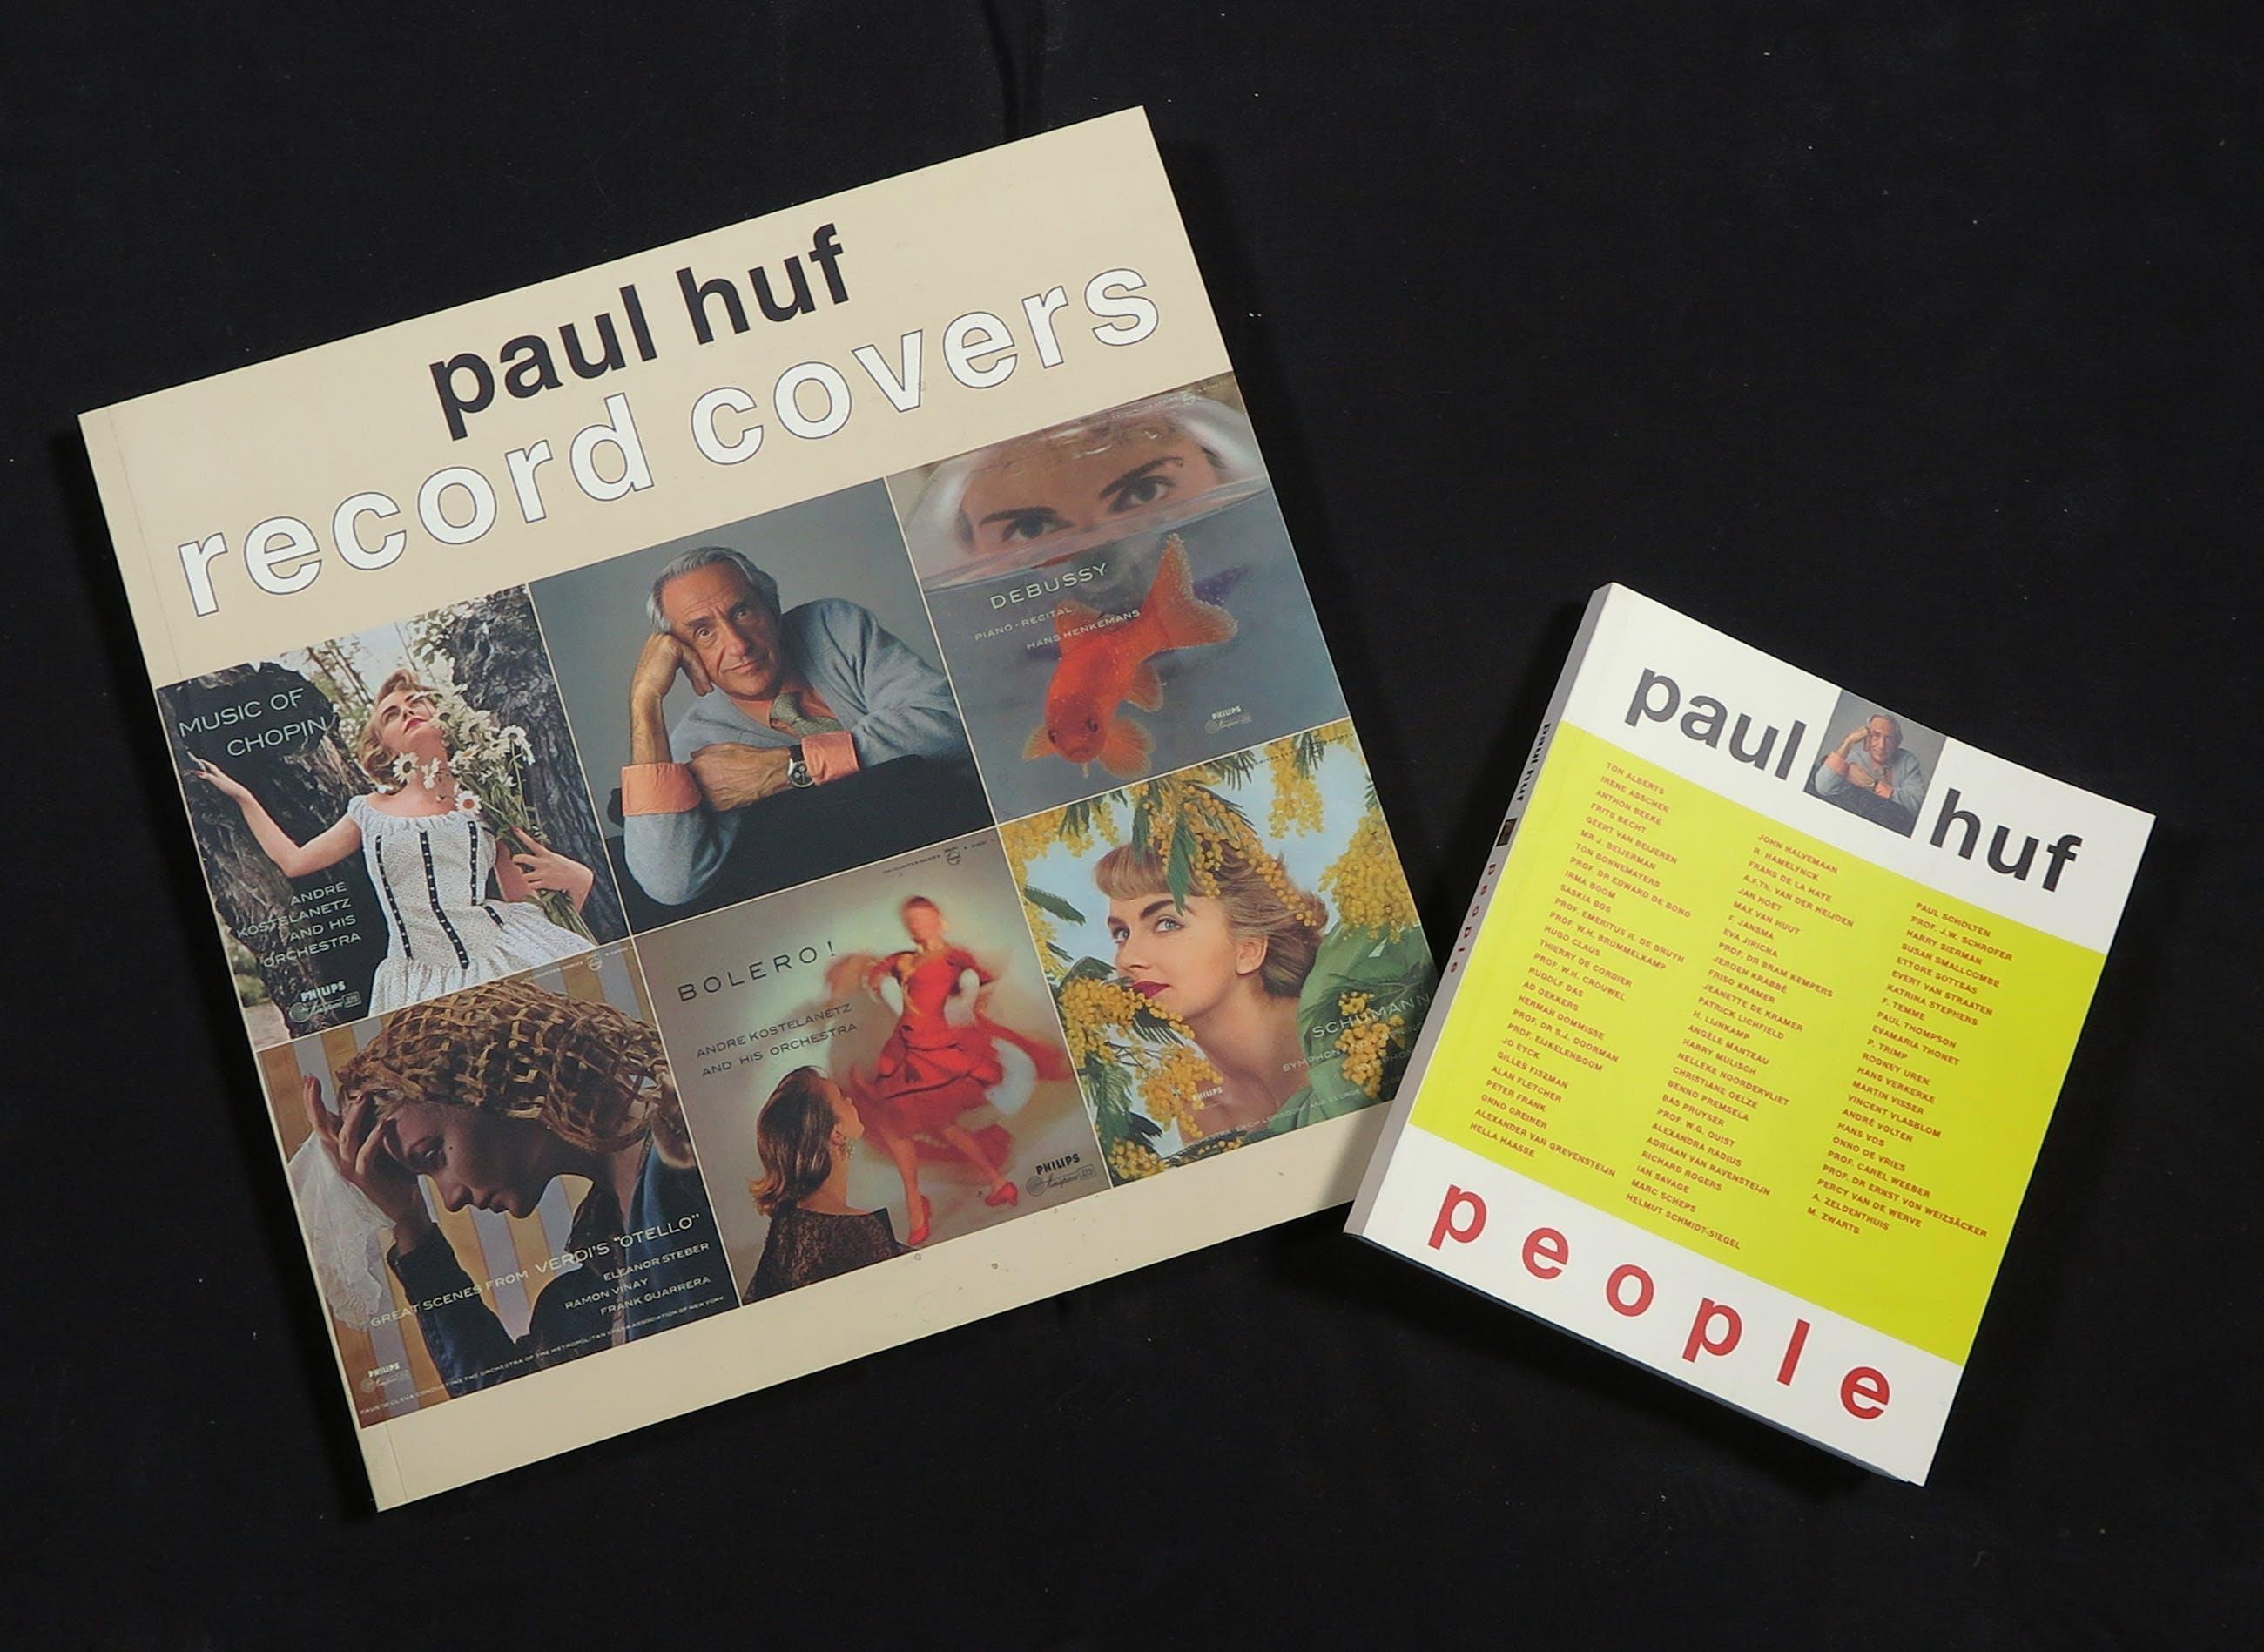 Paul Huf - Foto, Klaproos - Ingelijst kopen? Bied vanaf 50!